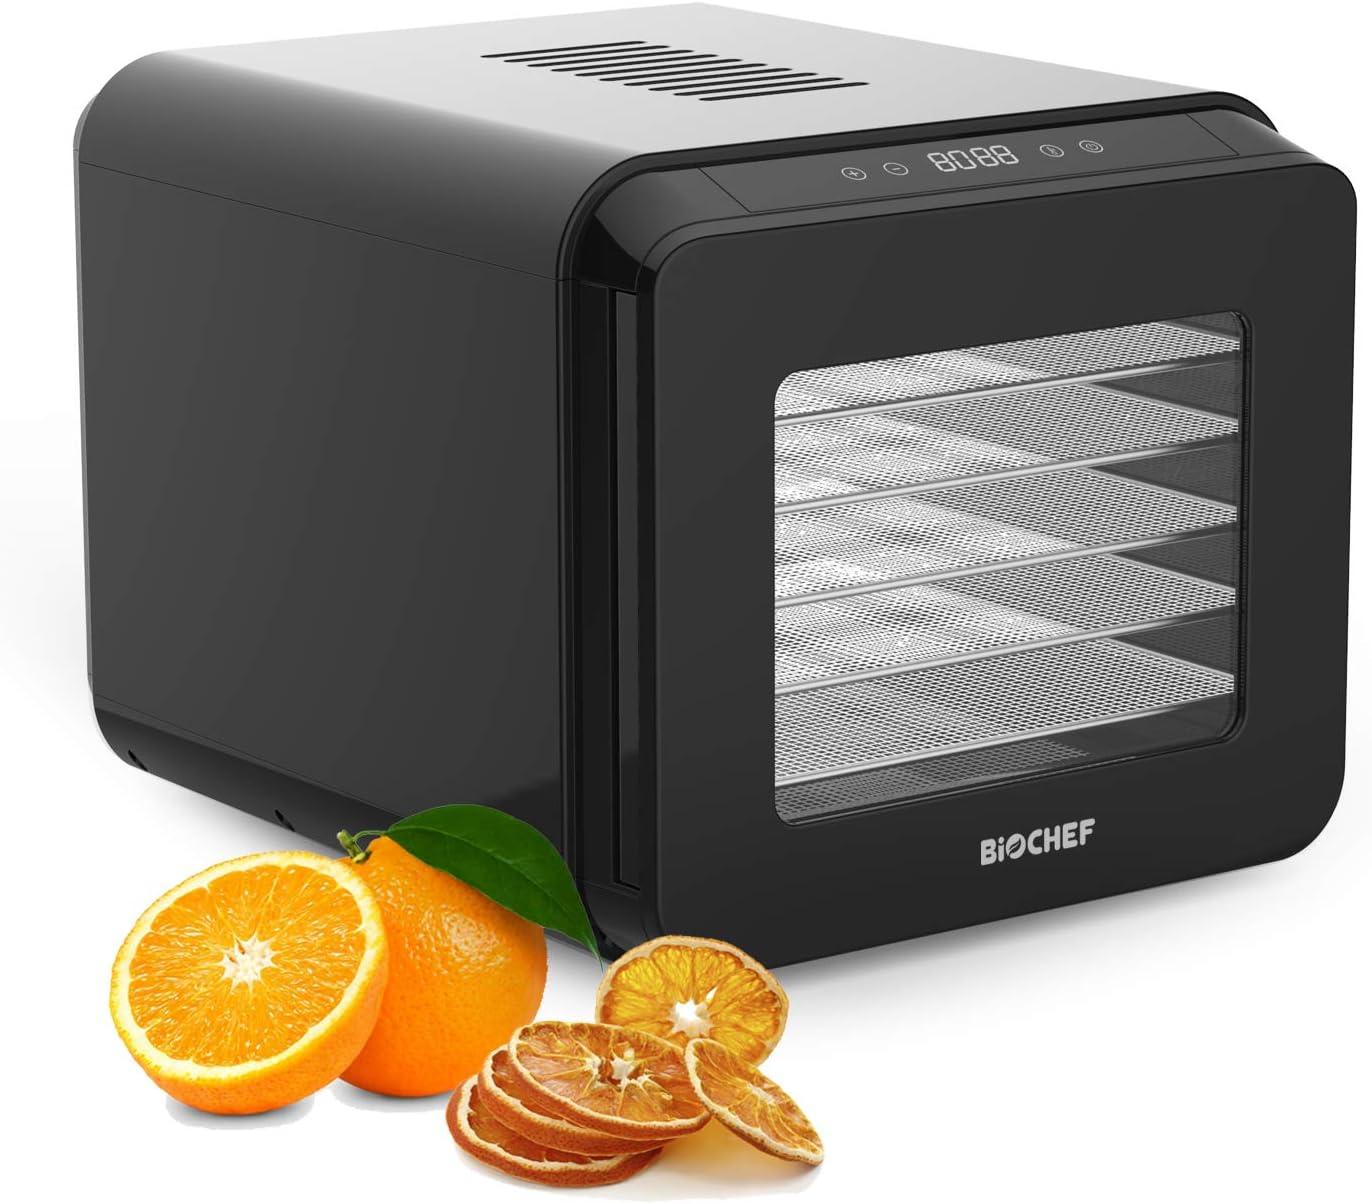 Bio Chef Deshidratador de Alimentos Tanami 6 Bandejas - 35-70°C | Pantalla Digital | Temporizador de 72 Horas | Puerta Transparente | Bandejas de Acero Inoxidable Extraíbles | Sin BPA (Negro)